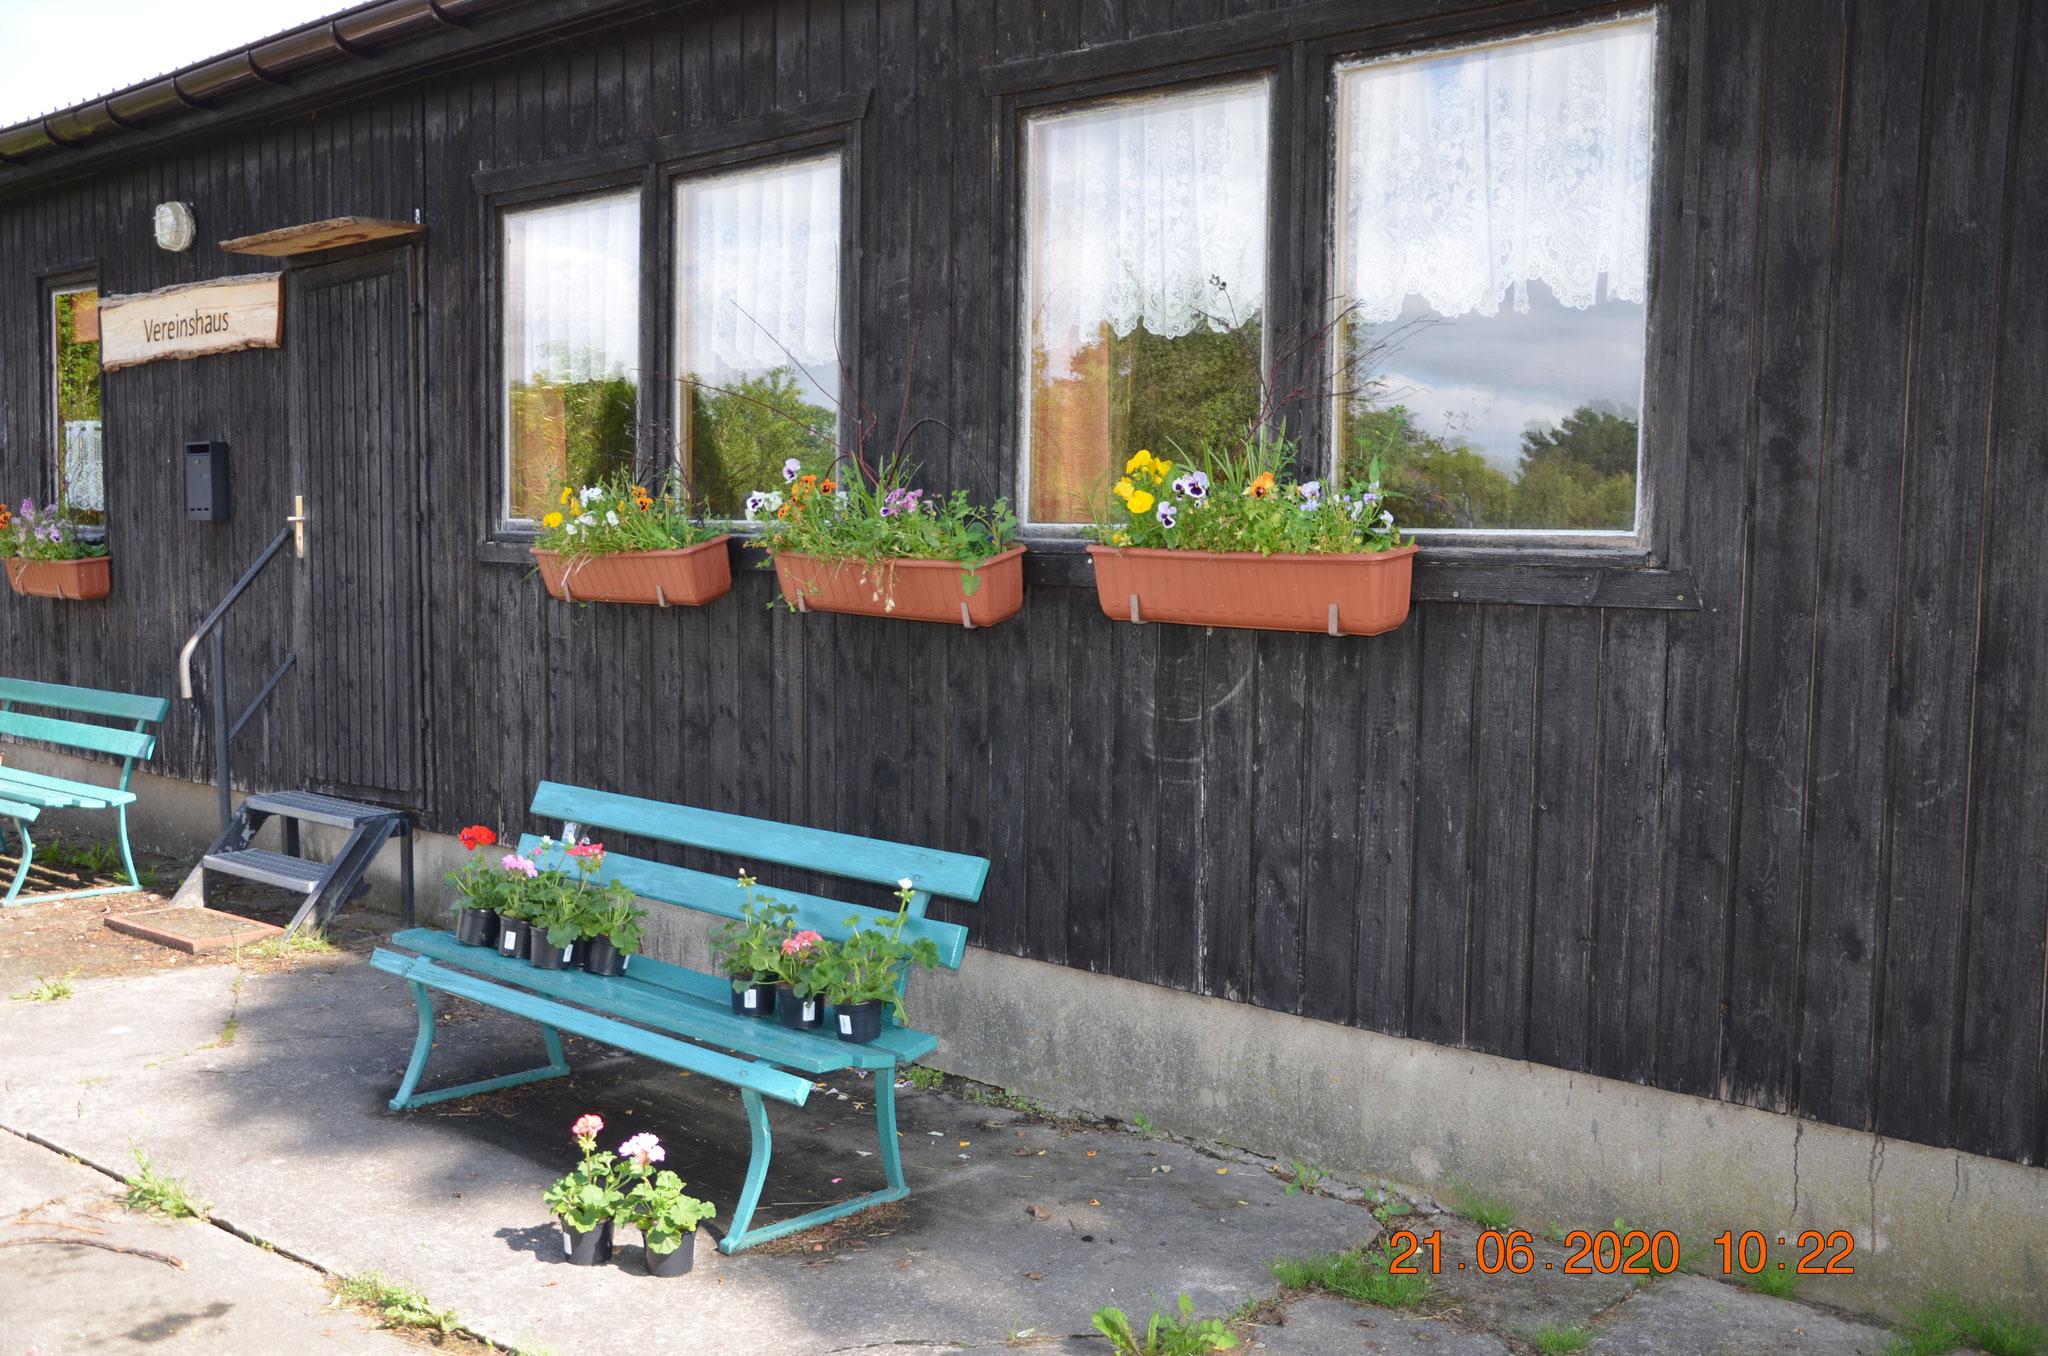 Blumenkästen am 21.06.2020 neu bepflanzt